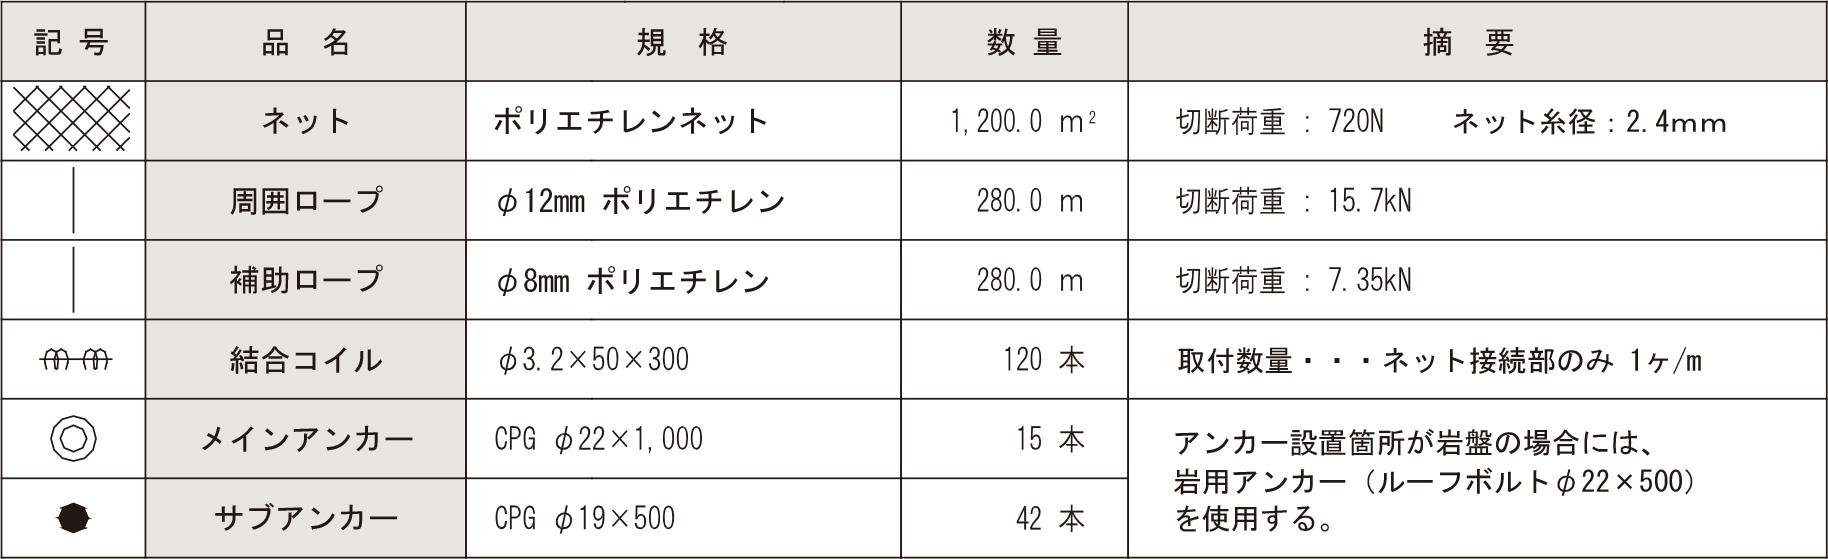 部材数量表 1200.0 m²当り